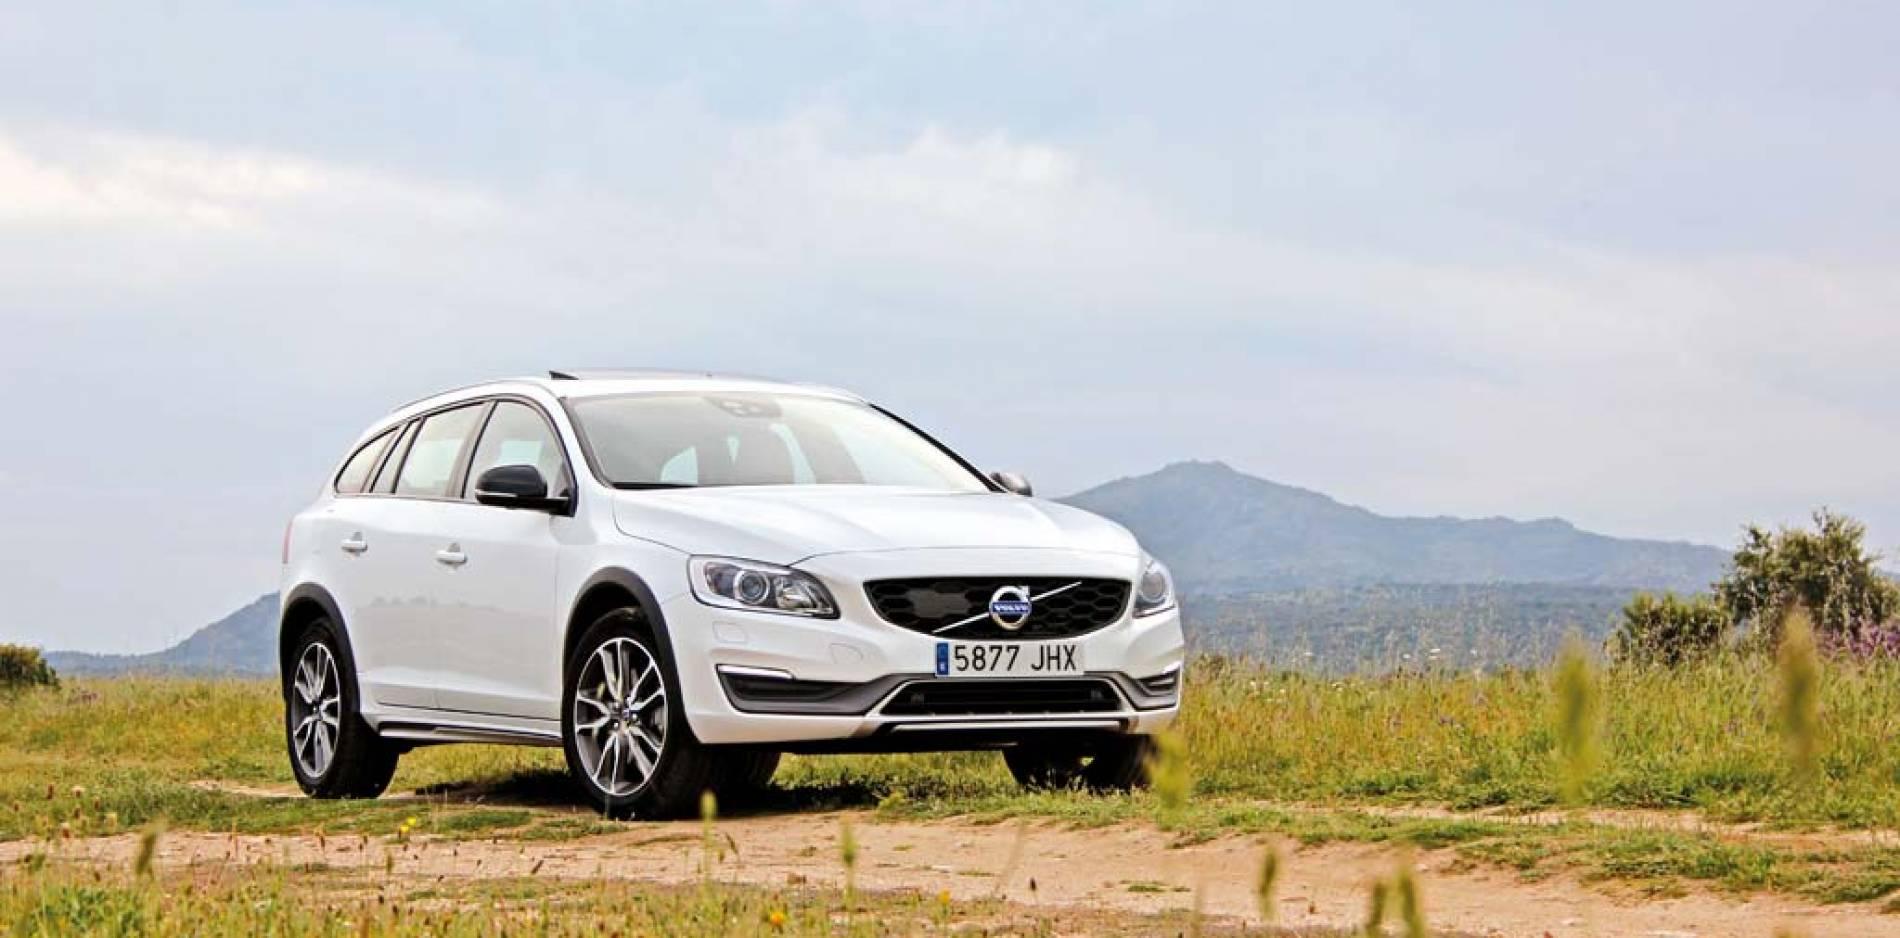 Prueba Volvo V60 Cross Country D4 190 CV AWD Aut., completo polivalente